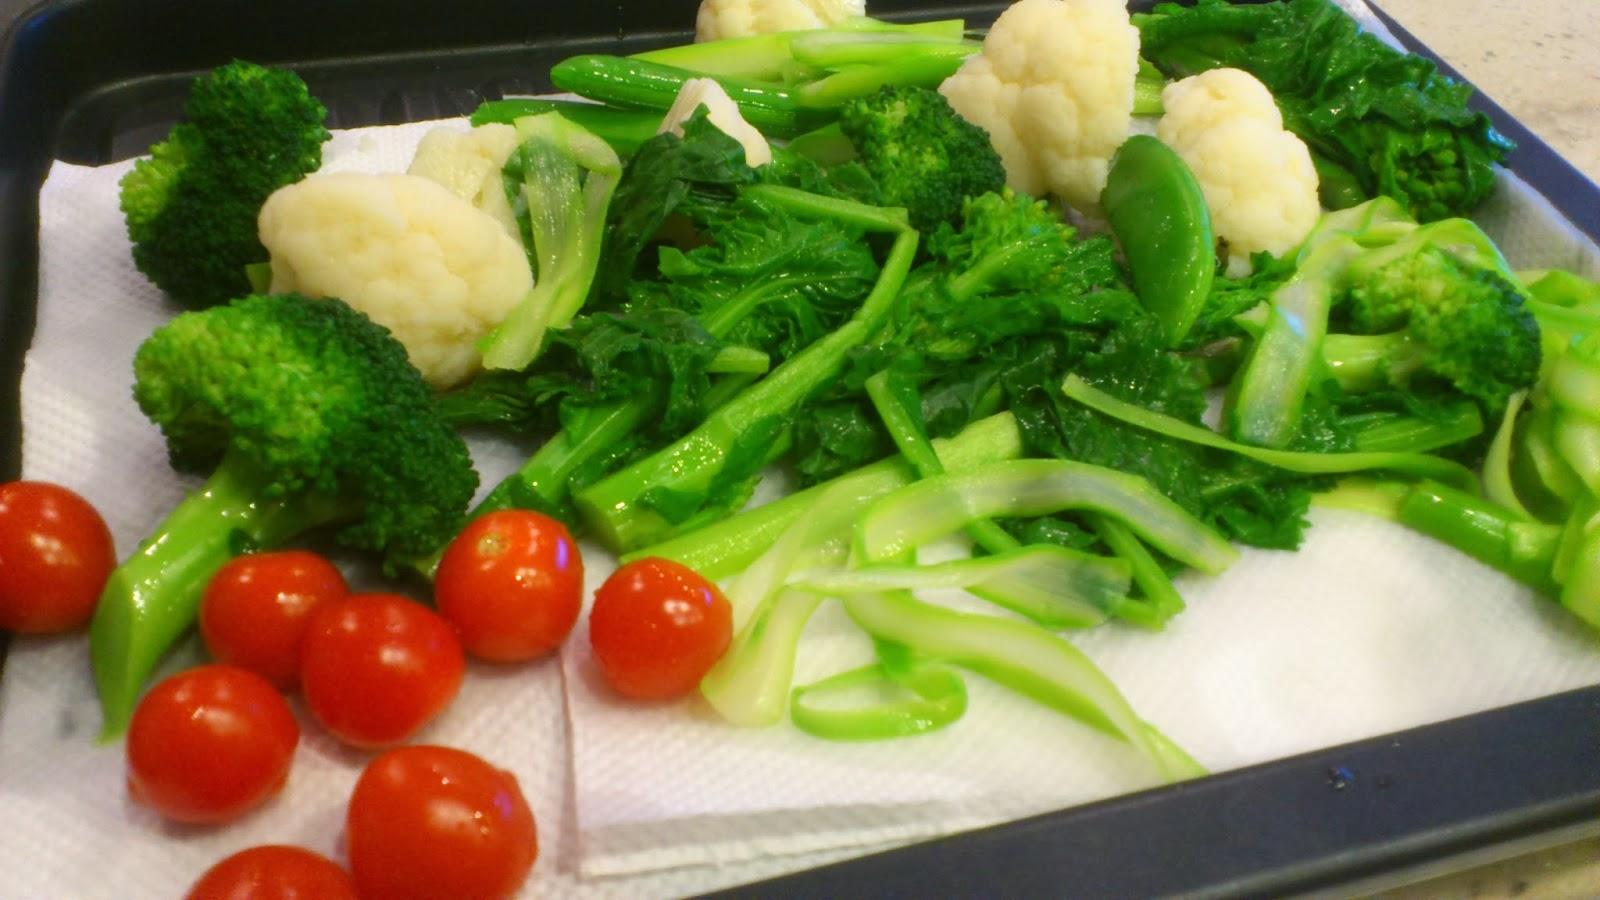 大崎・戸越(品川区)お客様に出張シェフ:ヘルシーなお野菜たっぷり